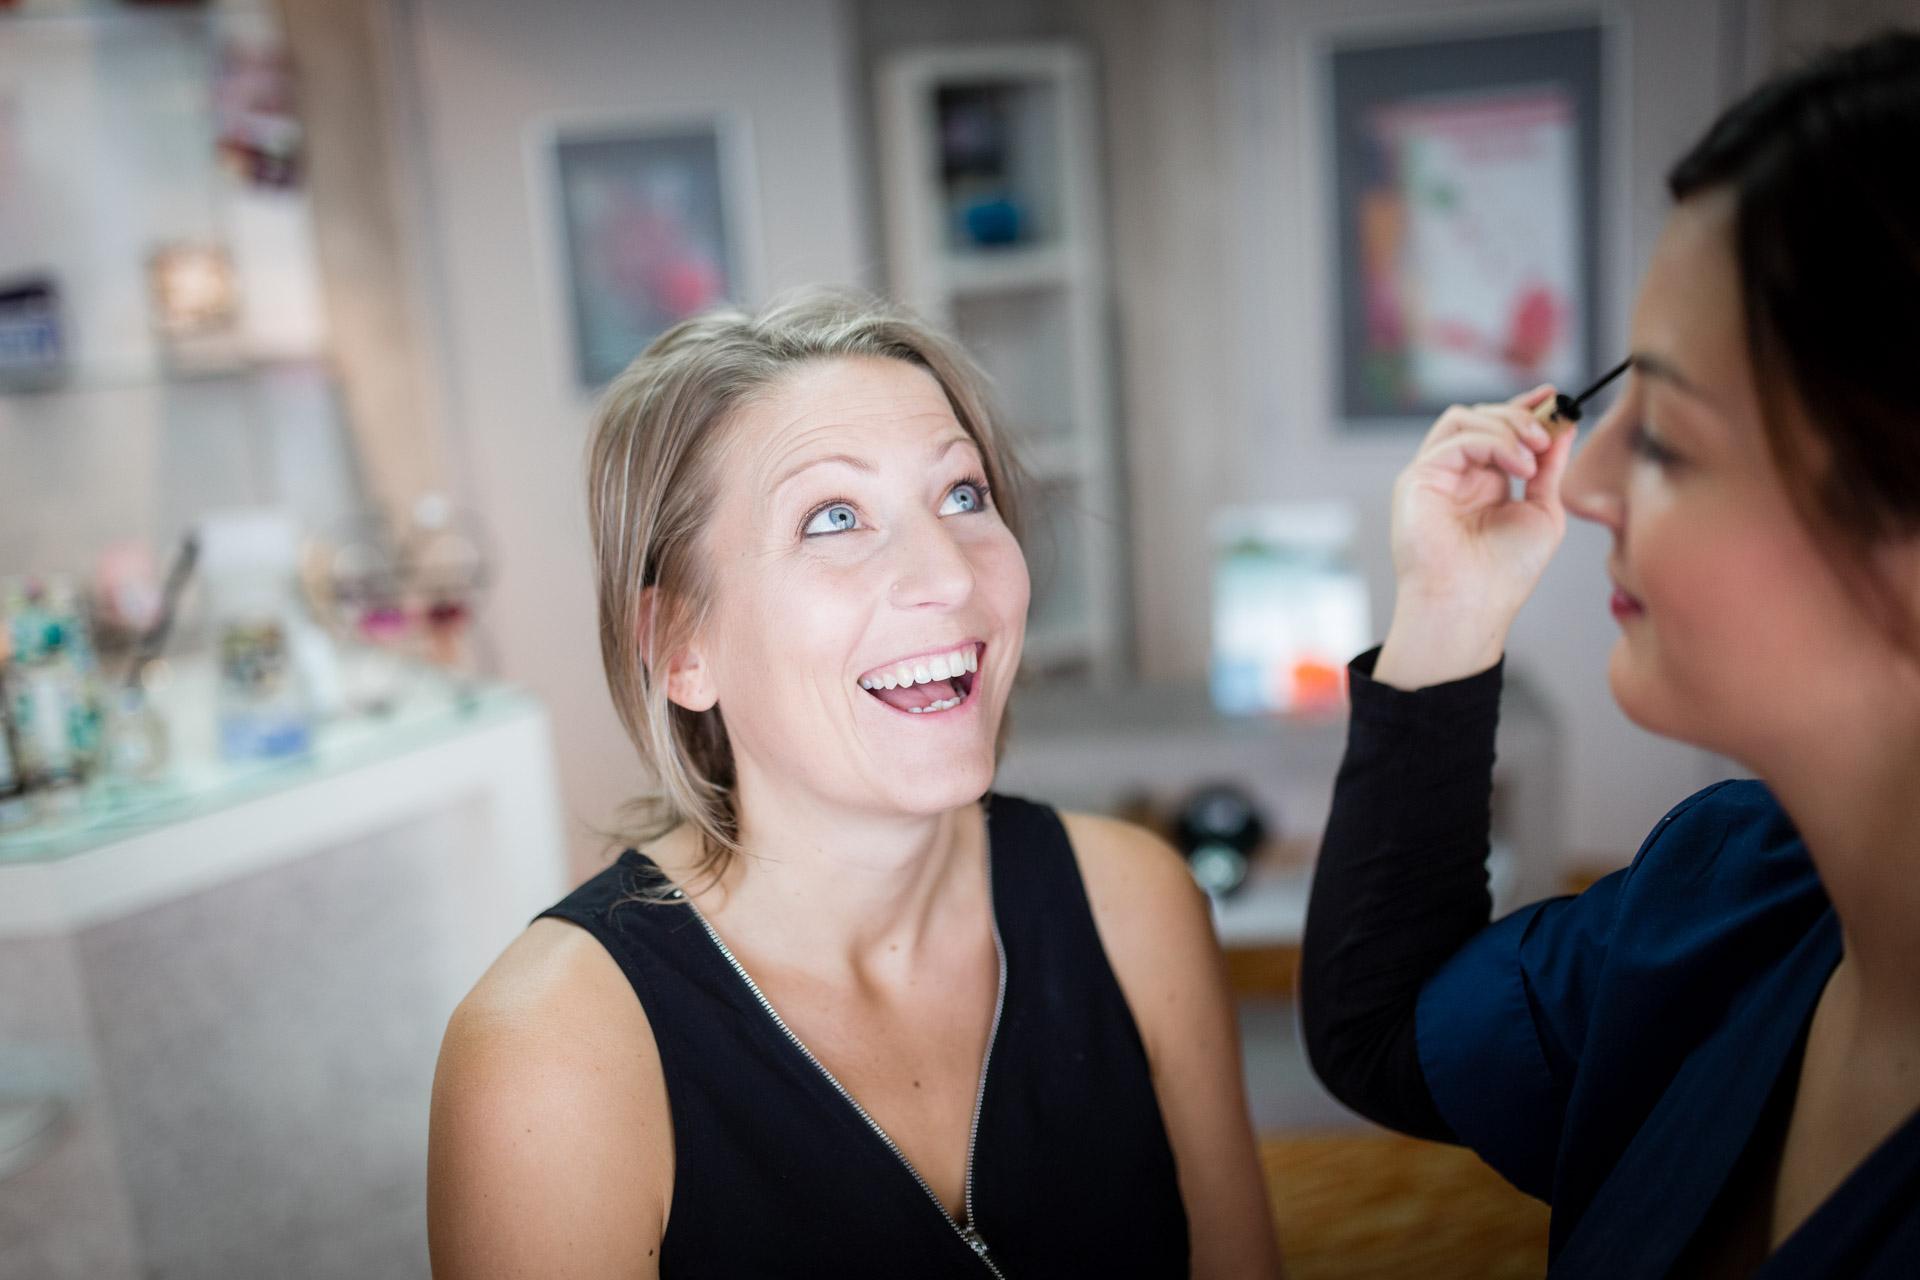 la mariee qui rigle pendant le maquillage